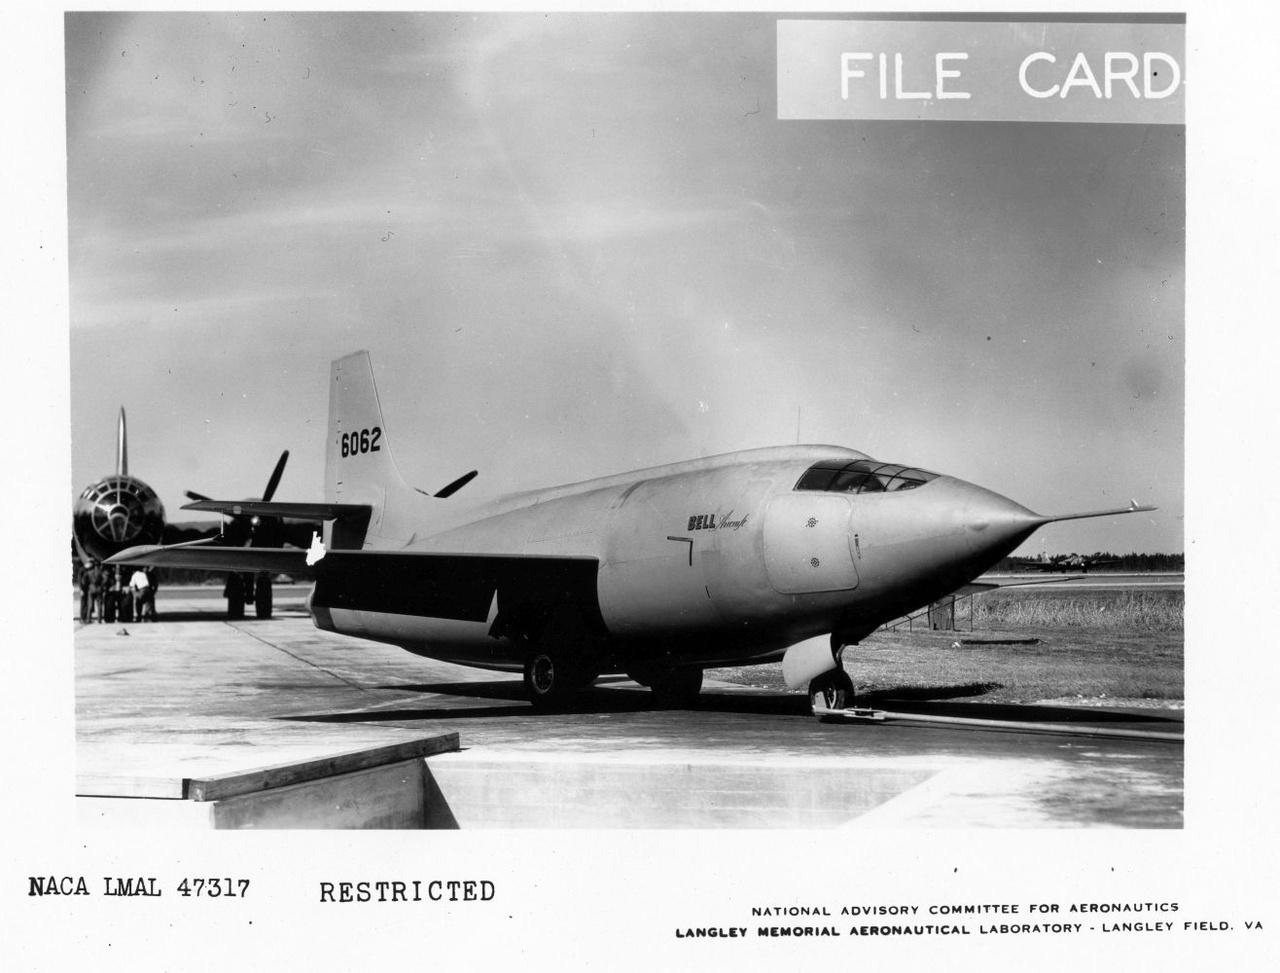 Az X-1 alakját egy az egyben egy 0.50-es kaliberű géppuskalövedékről mintázták a tervezők, azt véve alapul, hogy a hasonló alakú lövedék hangsebesség fölött repülve is stabil marad.